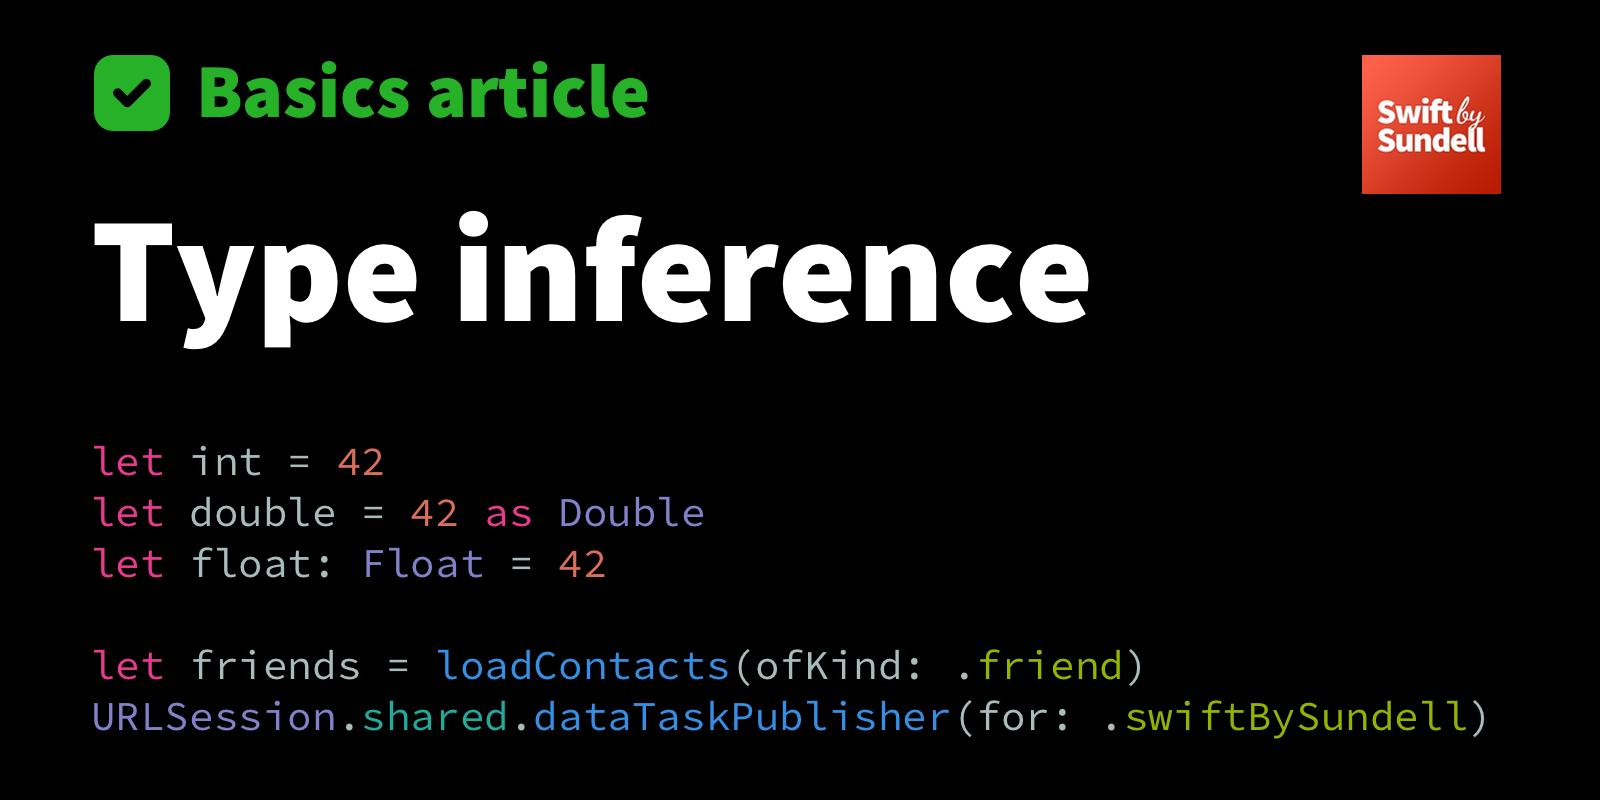 Basics: Type inference